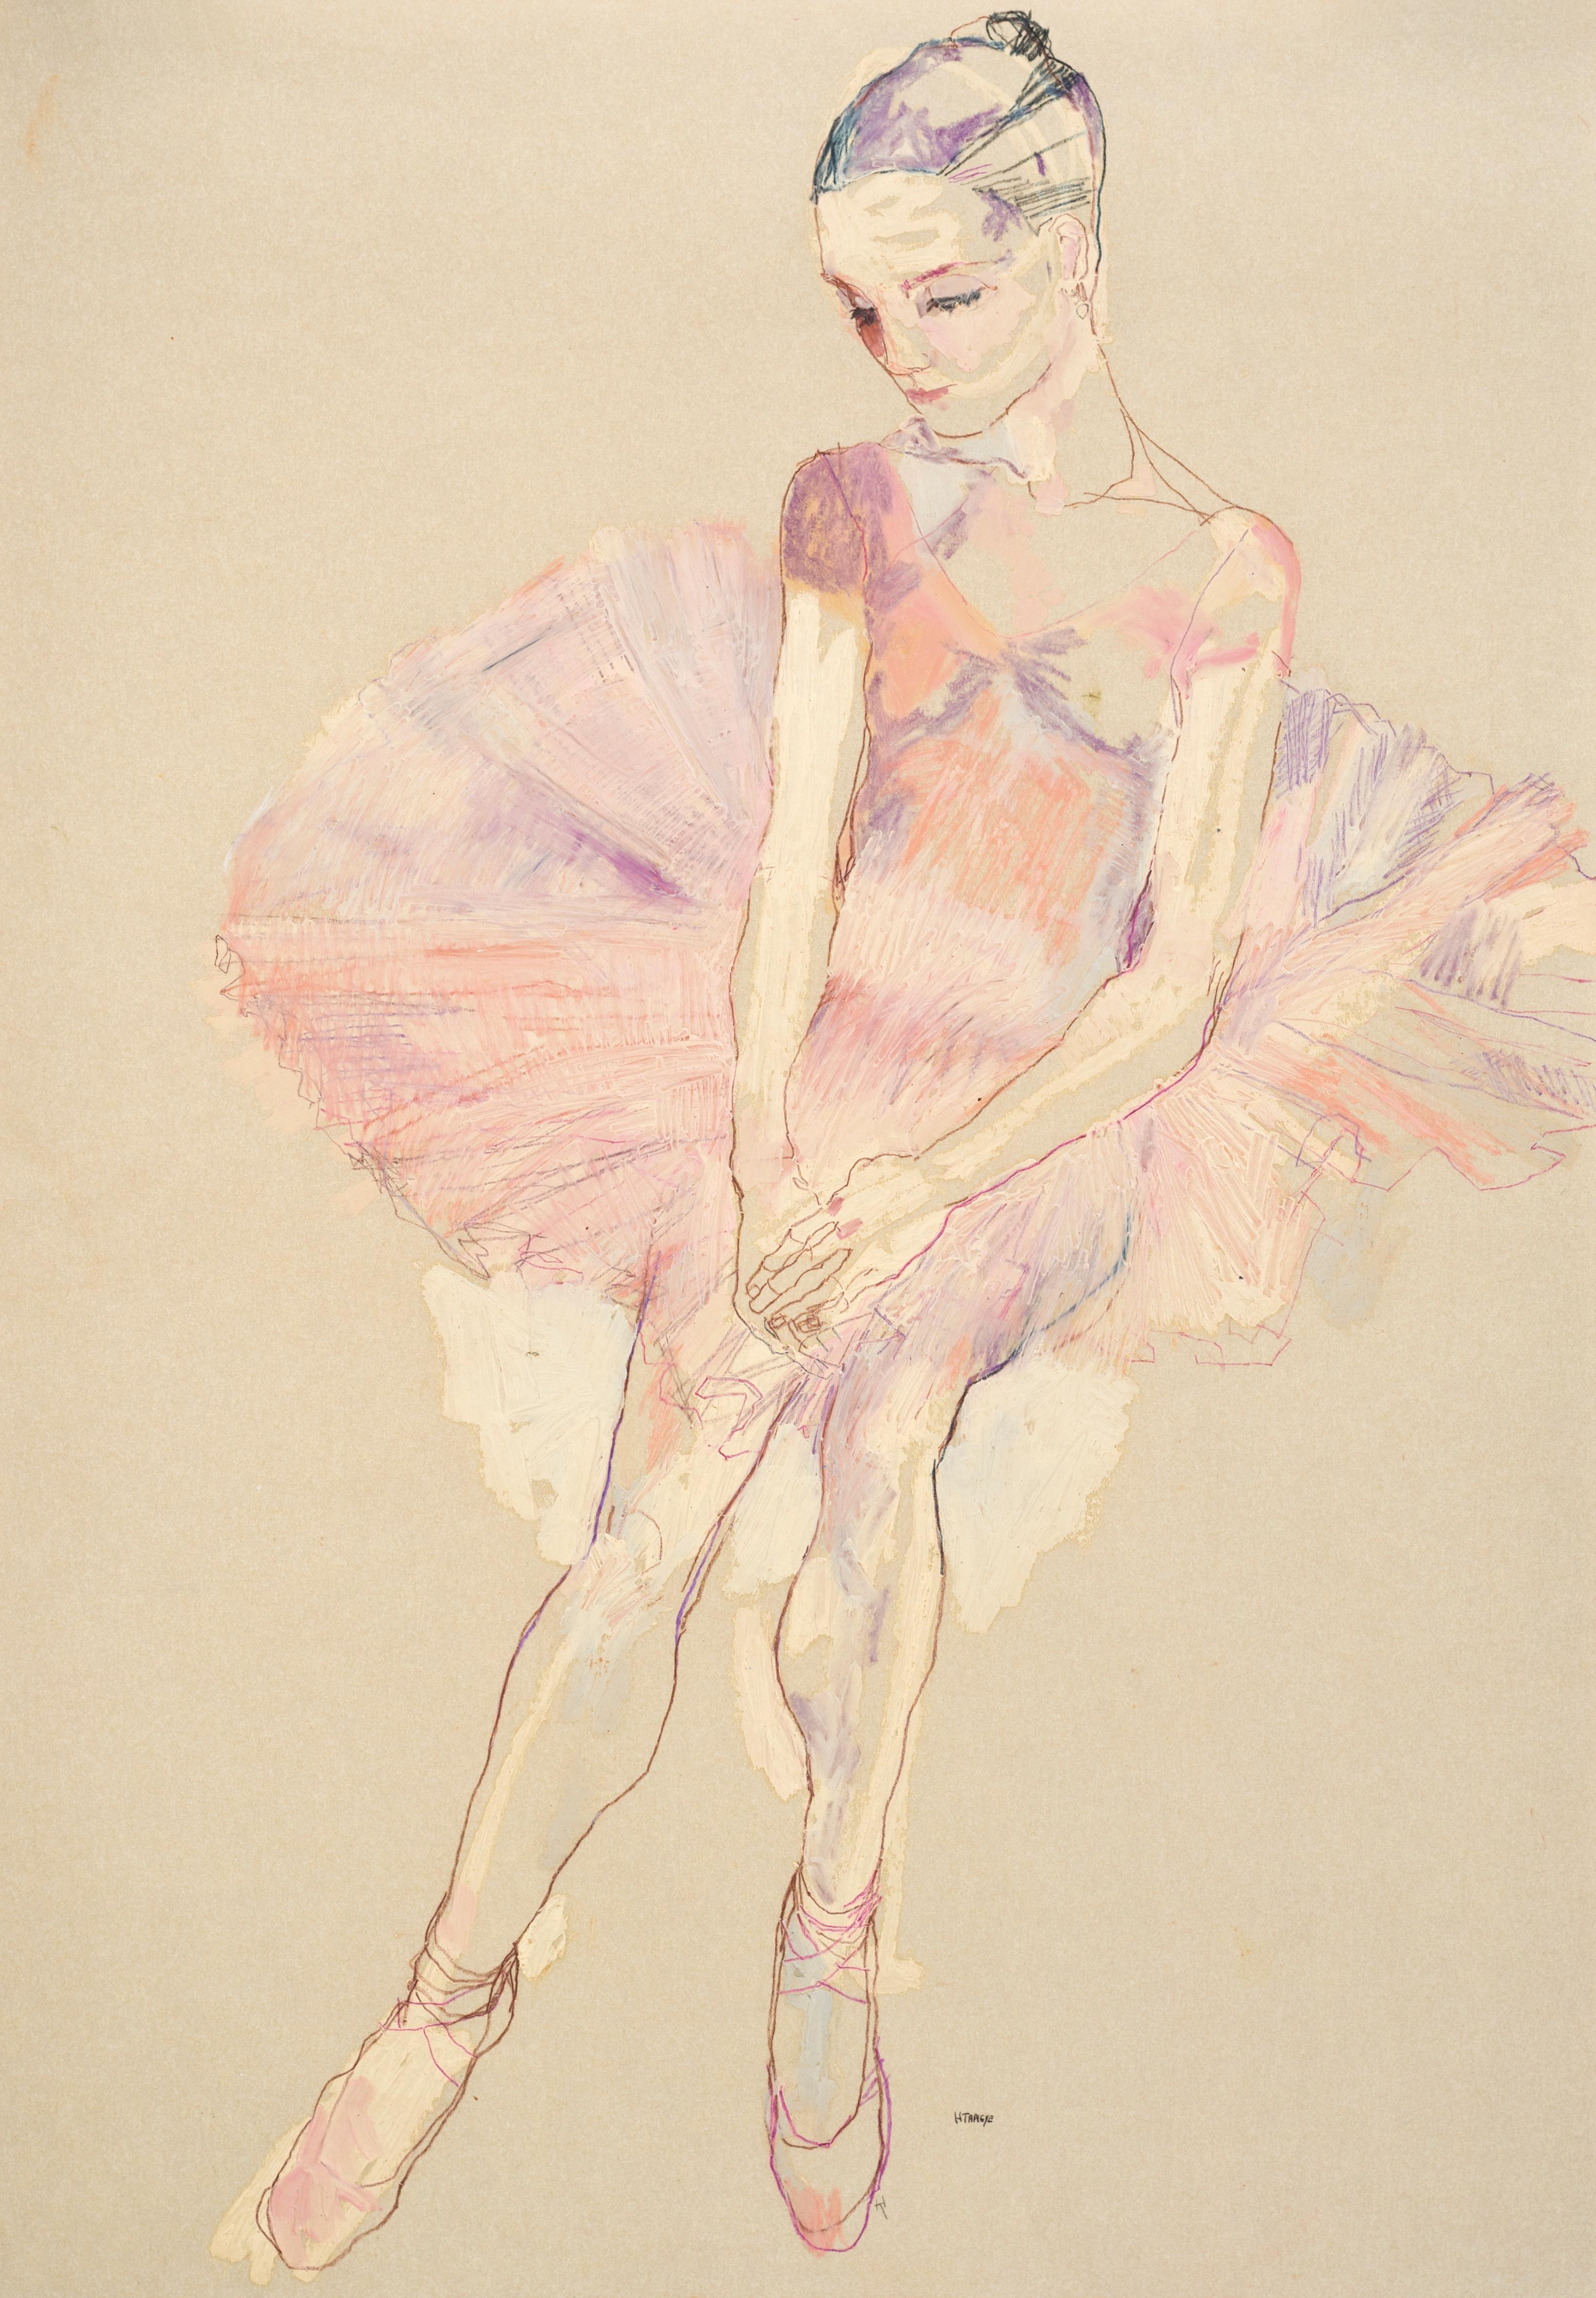 Ballet Girl (Pink Tutu), Mixed media on Pergamenata parchment